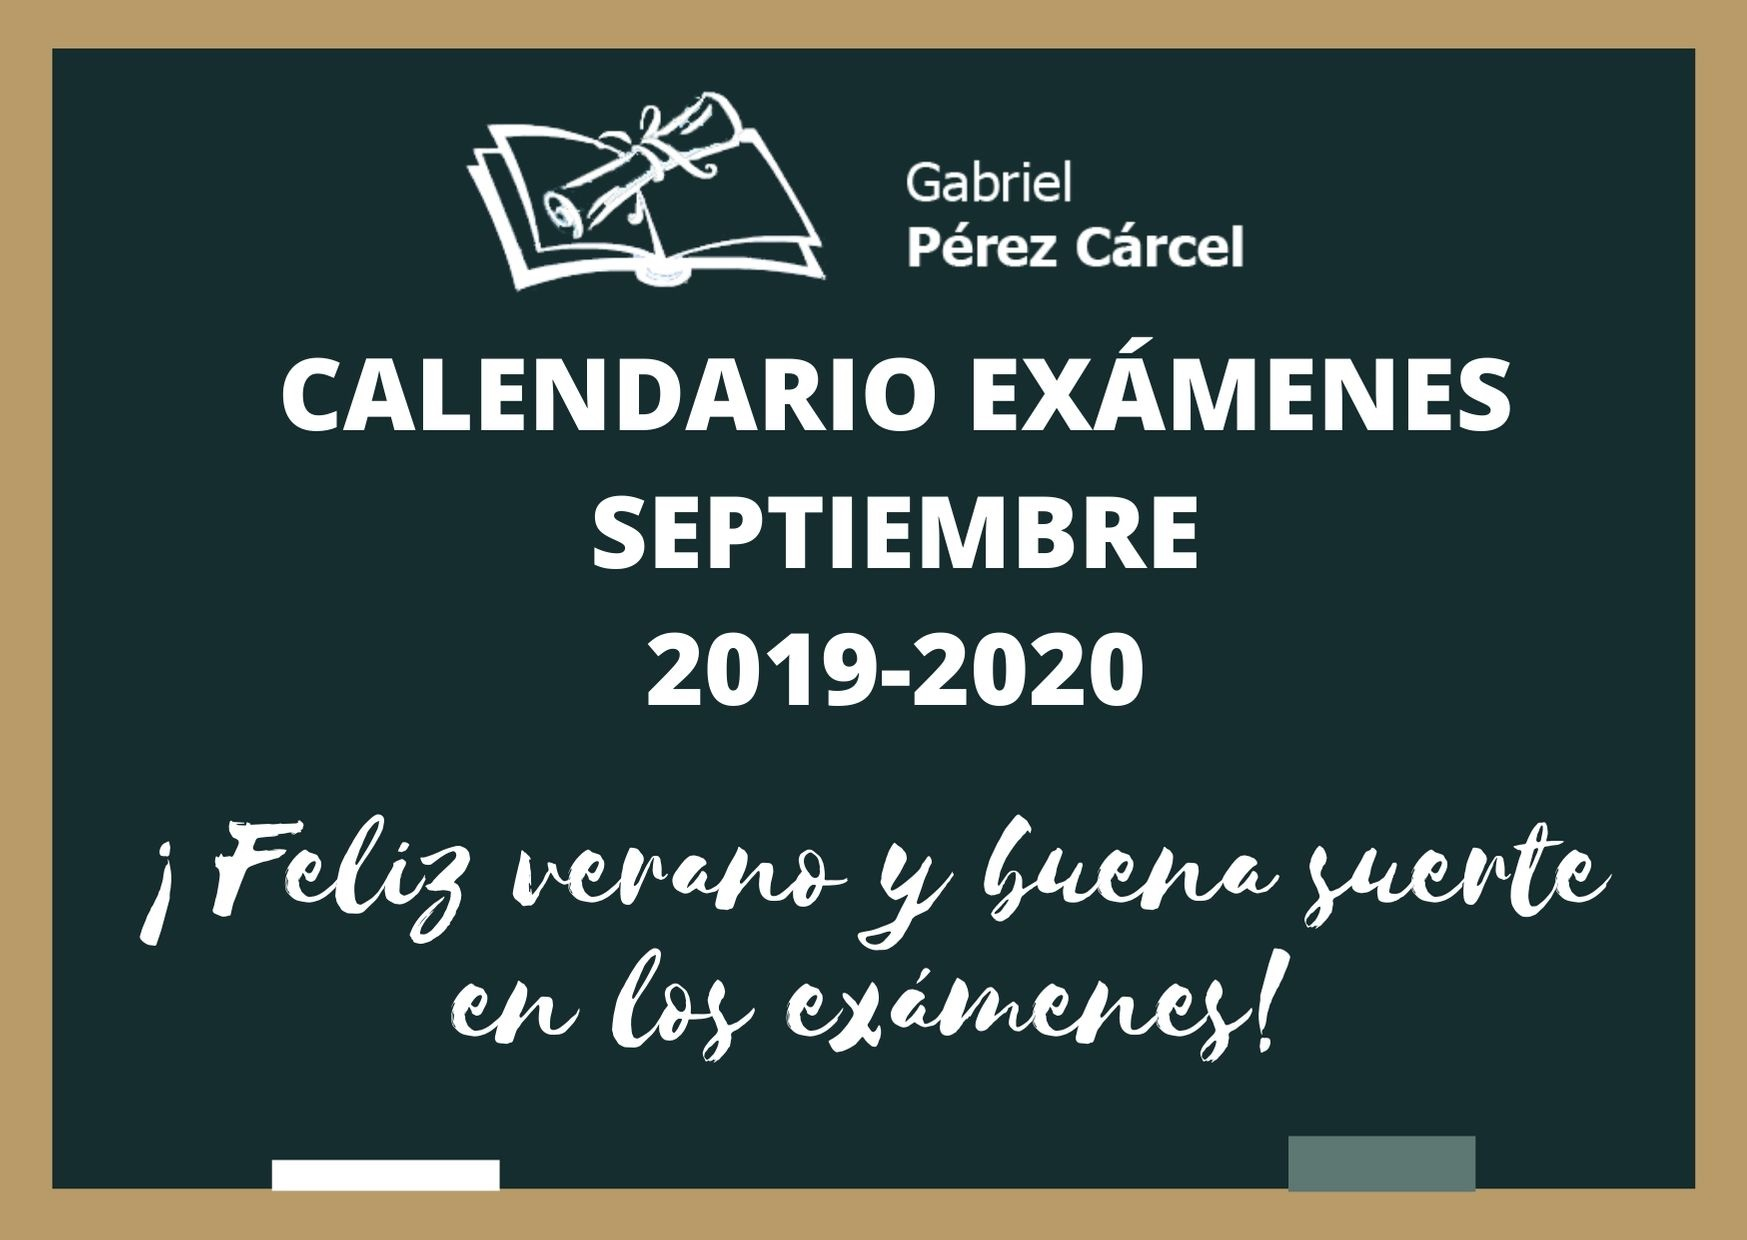 CALENDARIO EXÁMENES SEPTIEMBRE 2019-2020